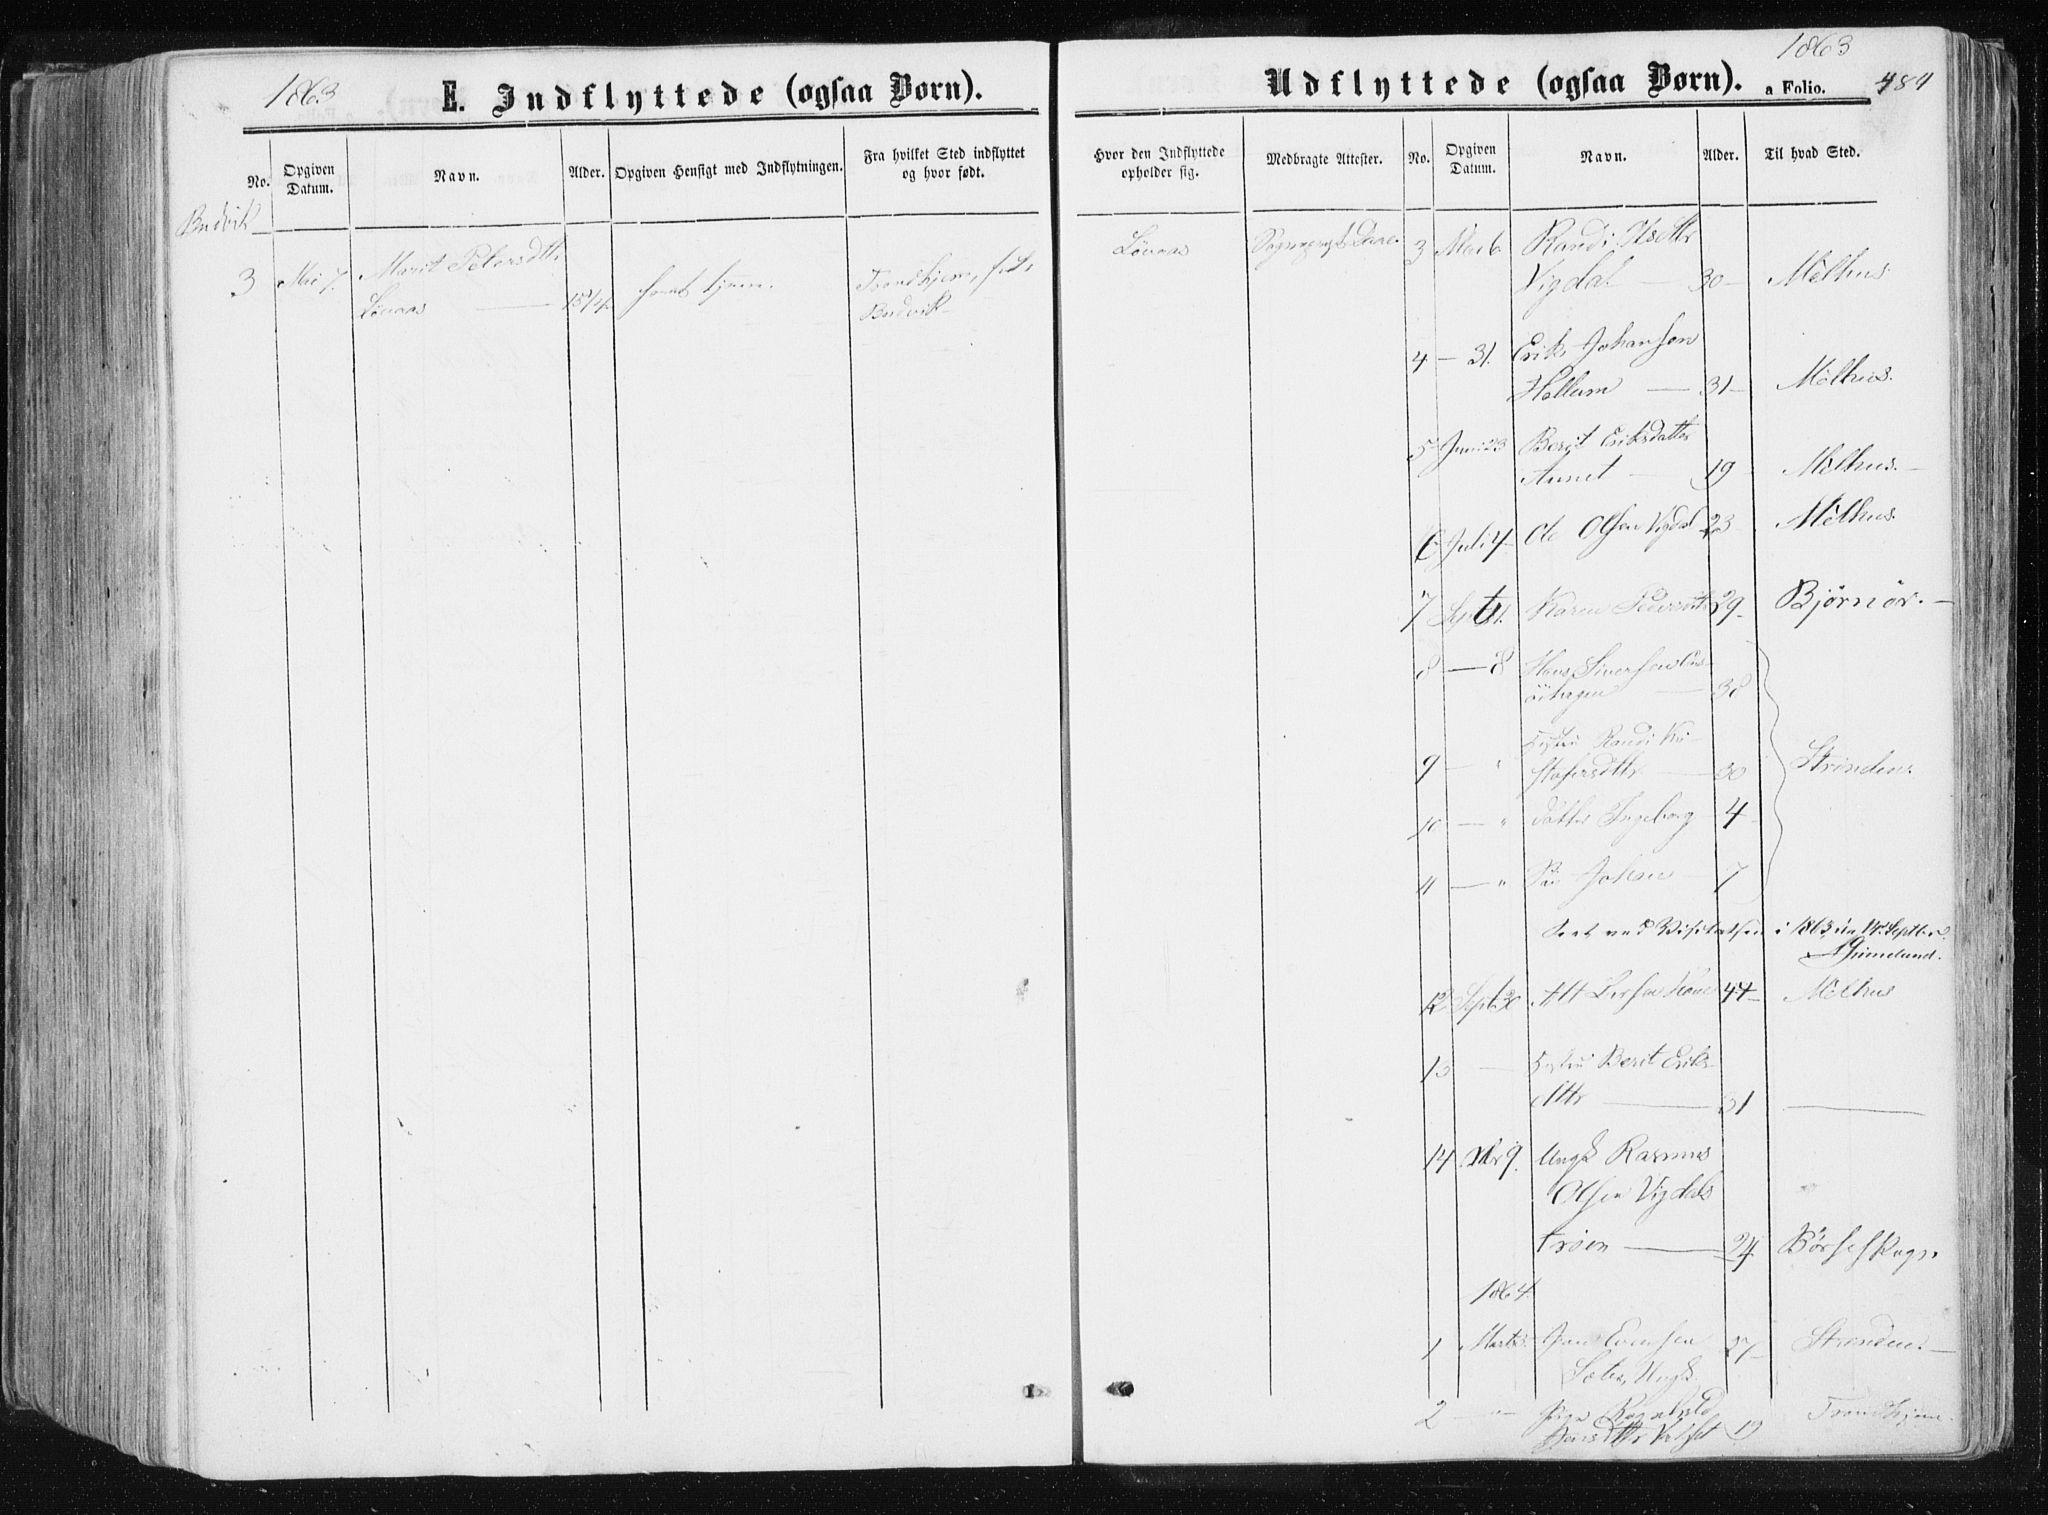 SAT, Ministerialprotokoller, klokkerbøker og fødselsregistre - Sør-Trøndelag, 612/L0377: Ministerialbok nr. 612A09, 1859-1877, s. 484